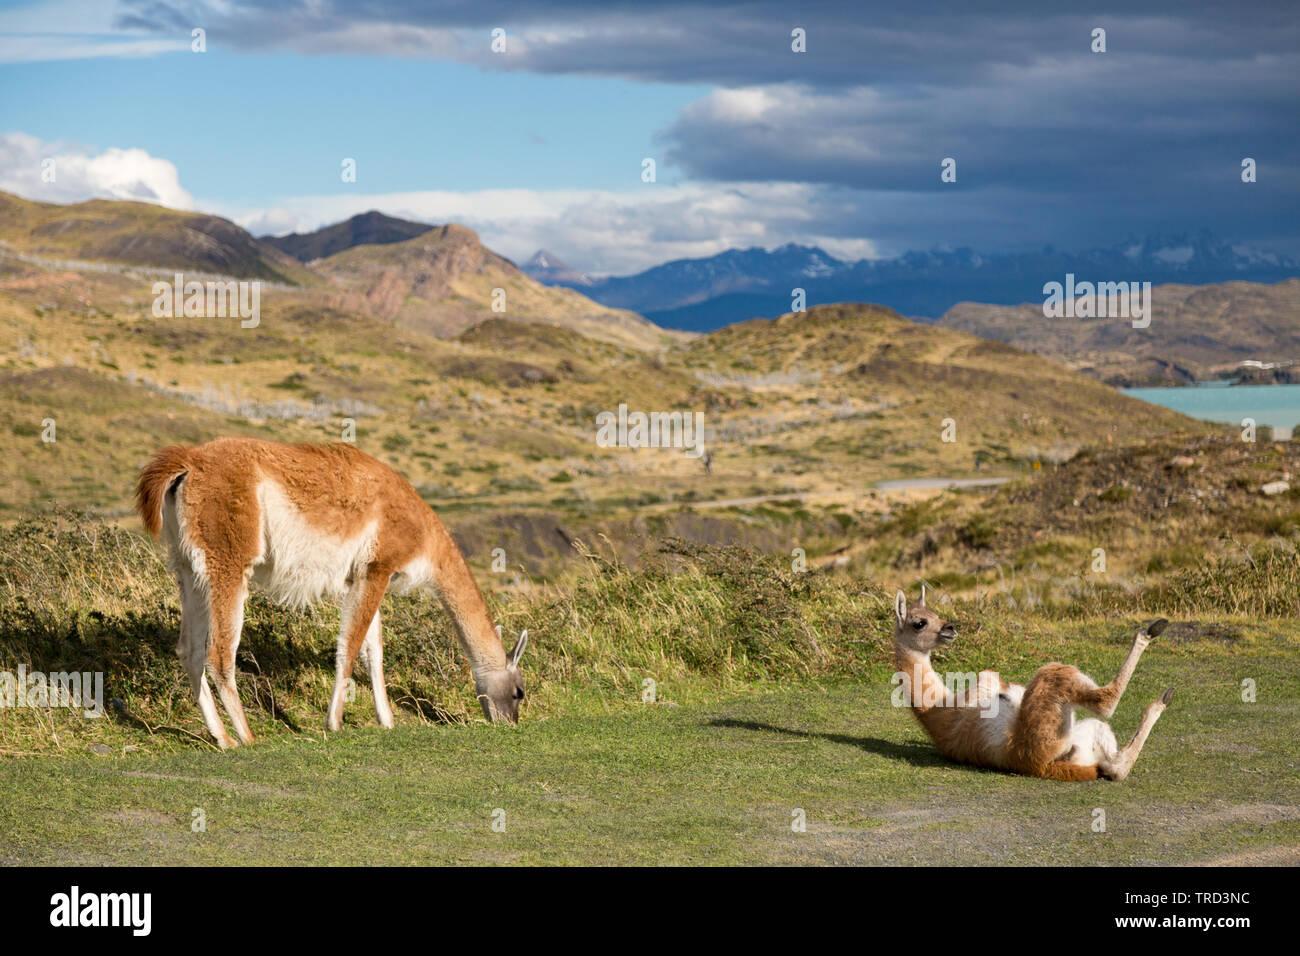 Cobourg sur l'herbe dans le parc national Torres del Paine, Patagonie, Chili Banque D'Images